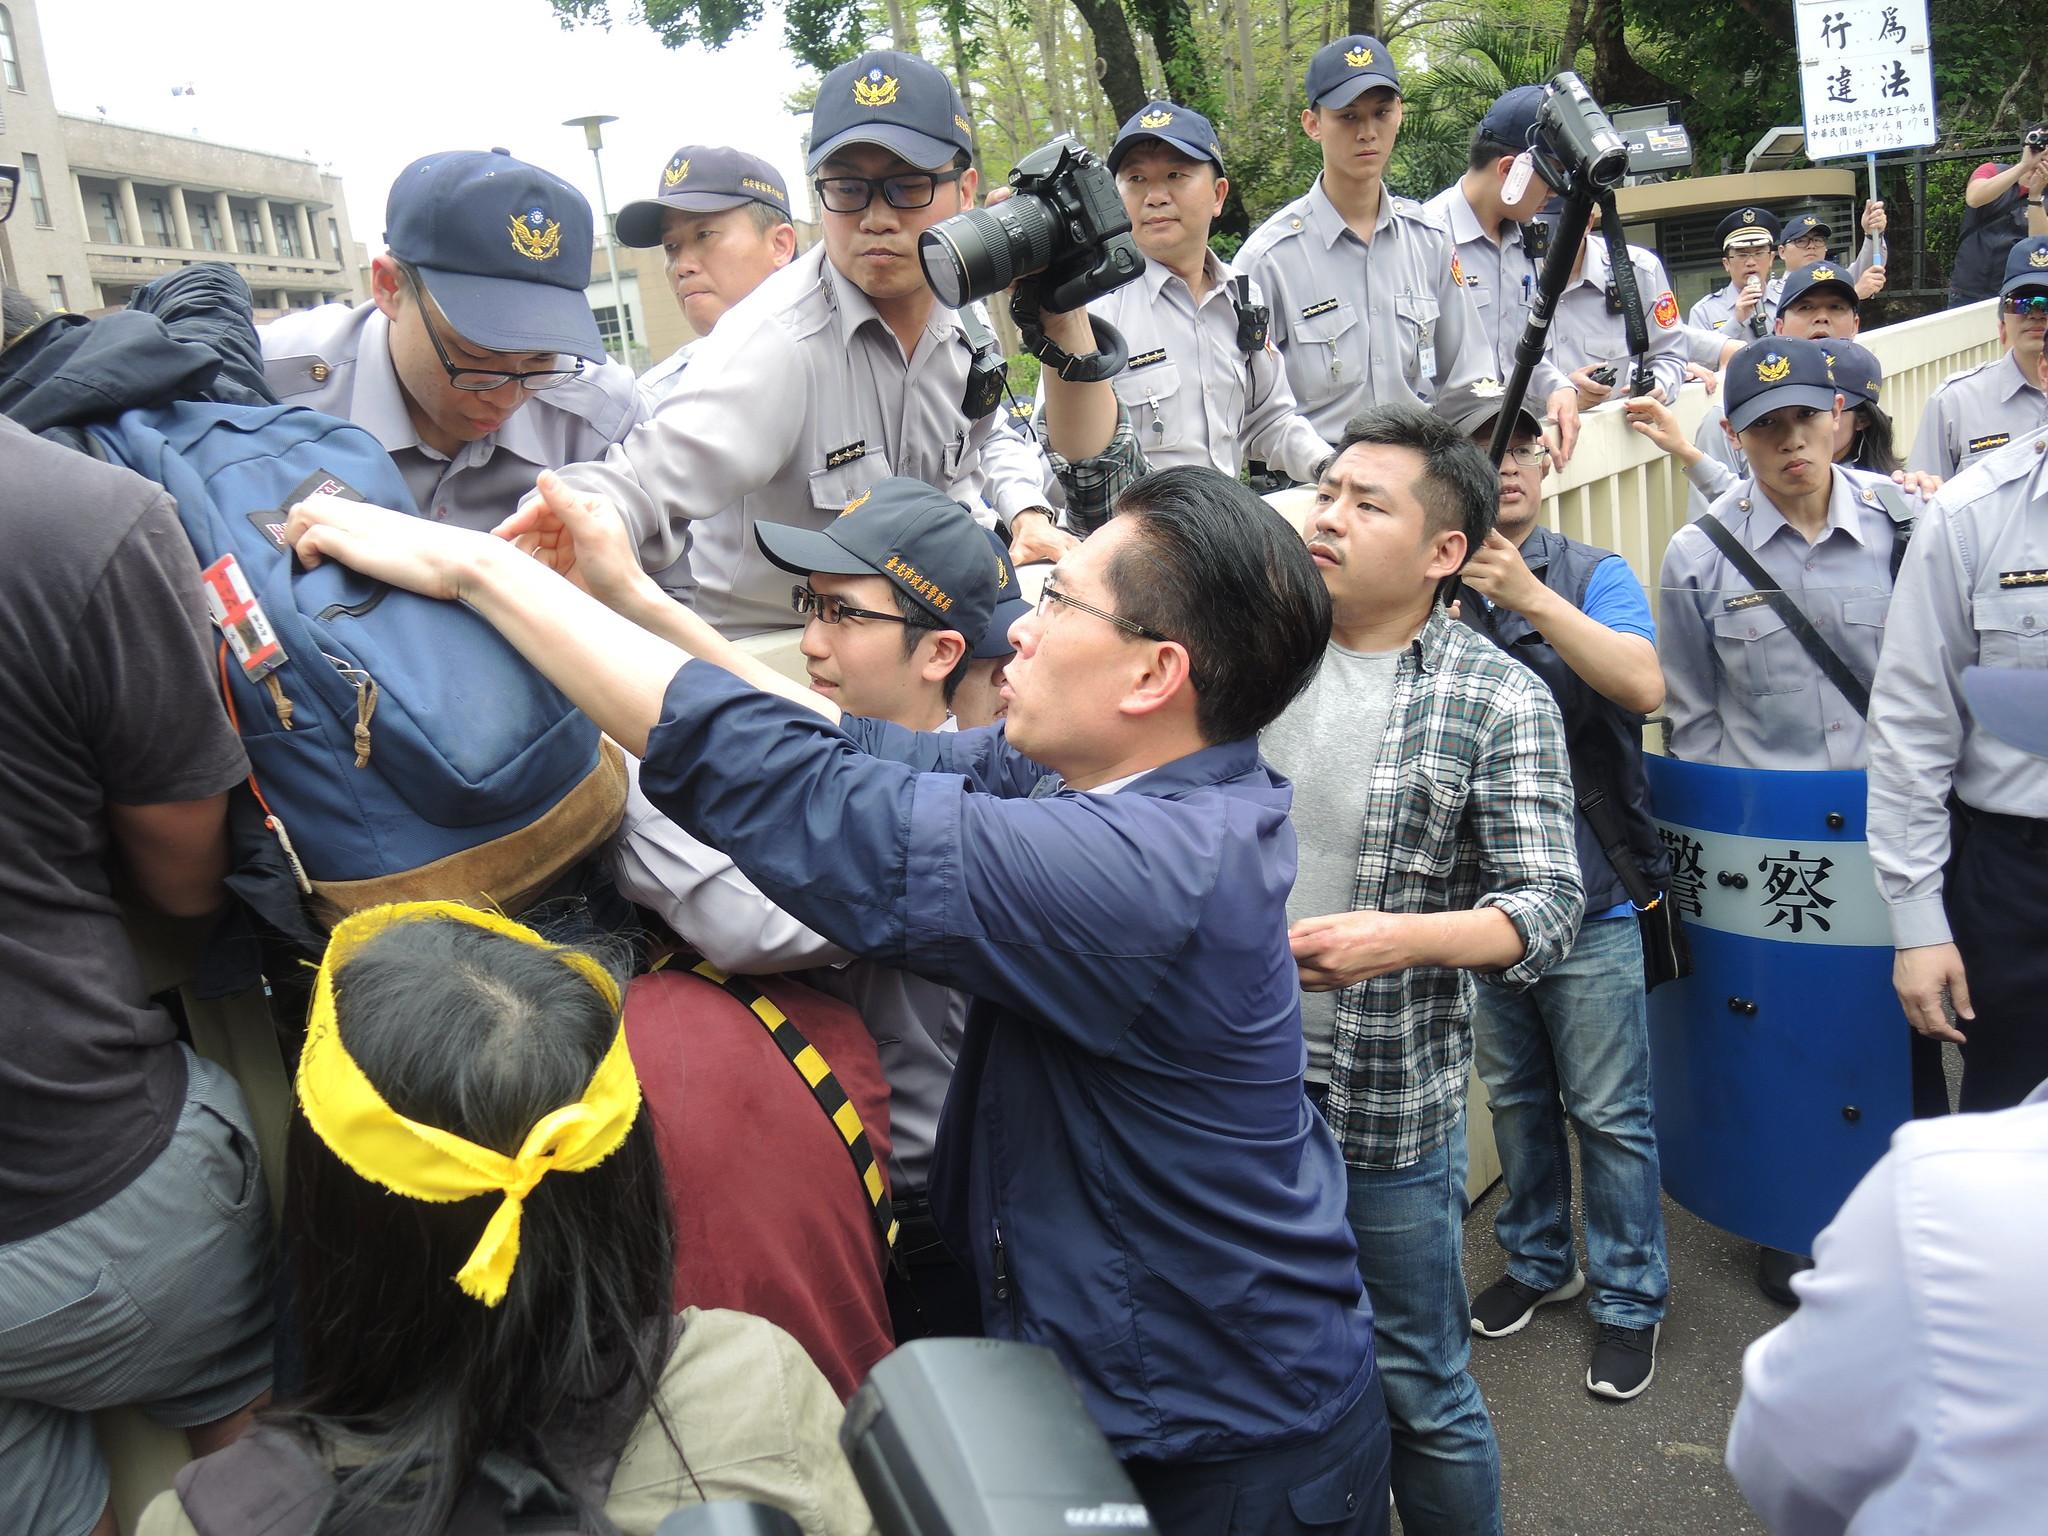 中正一分局副分局長董欣欣欲拉學生下來。(攝影:曾福全)